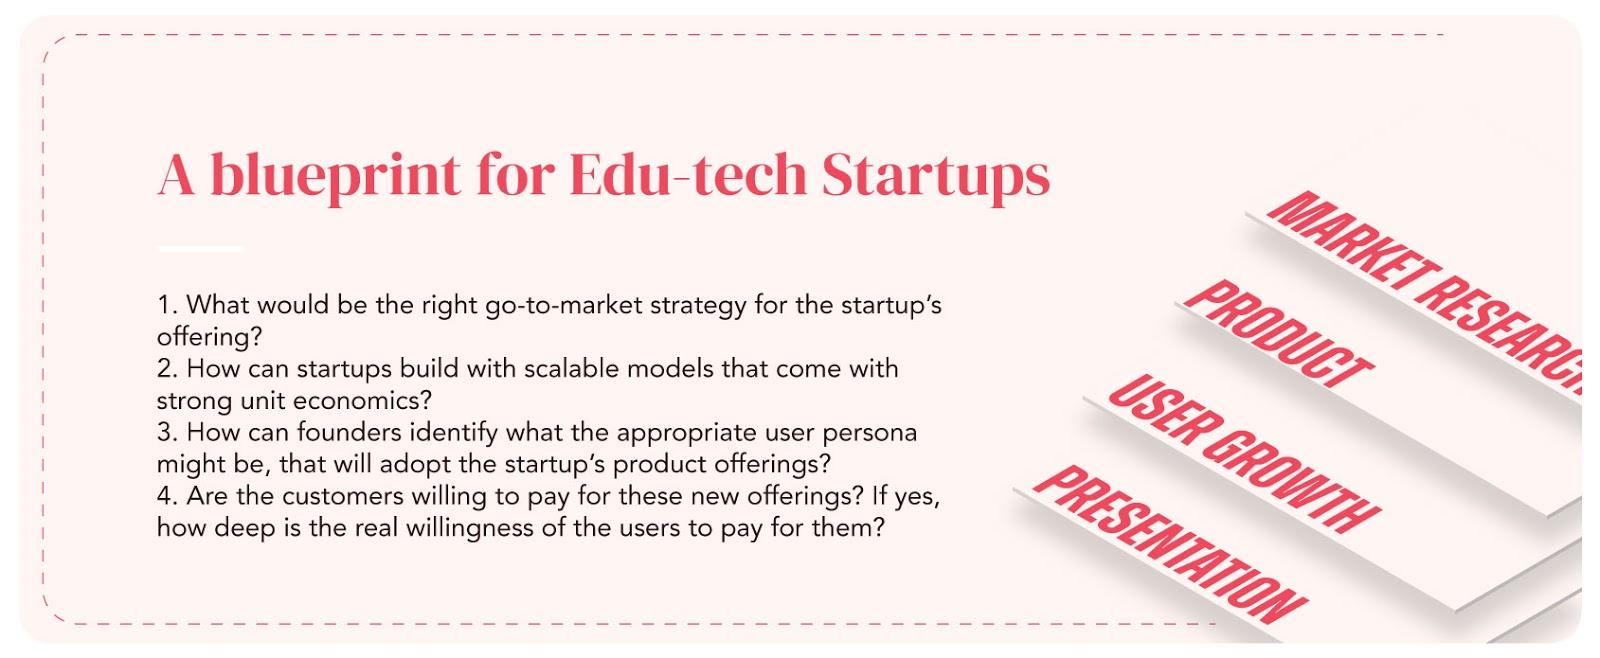 Edu-tech